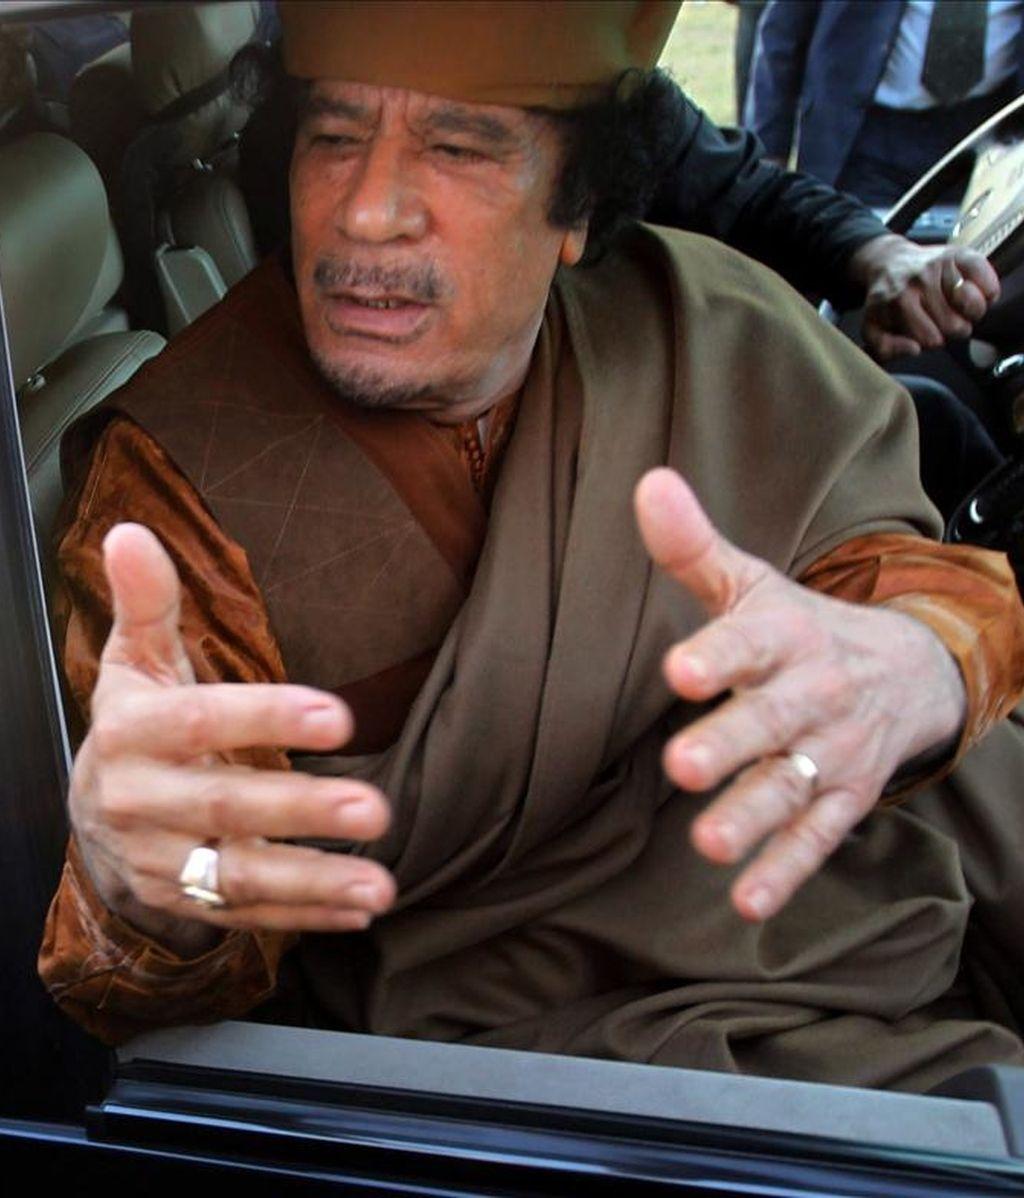 El líder libio, Muamar el Gadafi, habla desde un vehículo tras una reunión con la delegación de líderes de la Unión Africana el 10 de abril de 2011, en el complejo militar de Bab Al Azizia, en Trípoli (Libia). EFE/Archivo